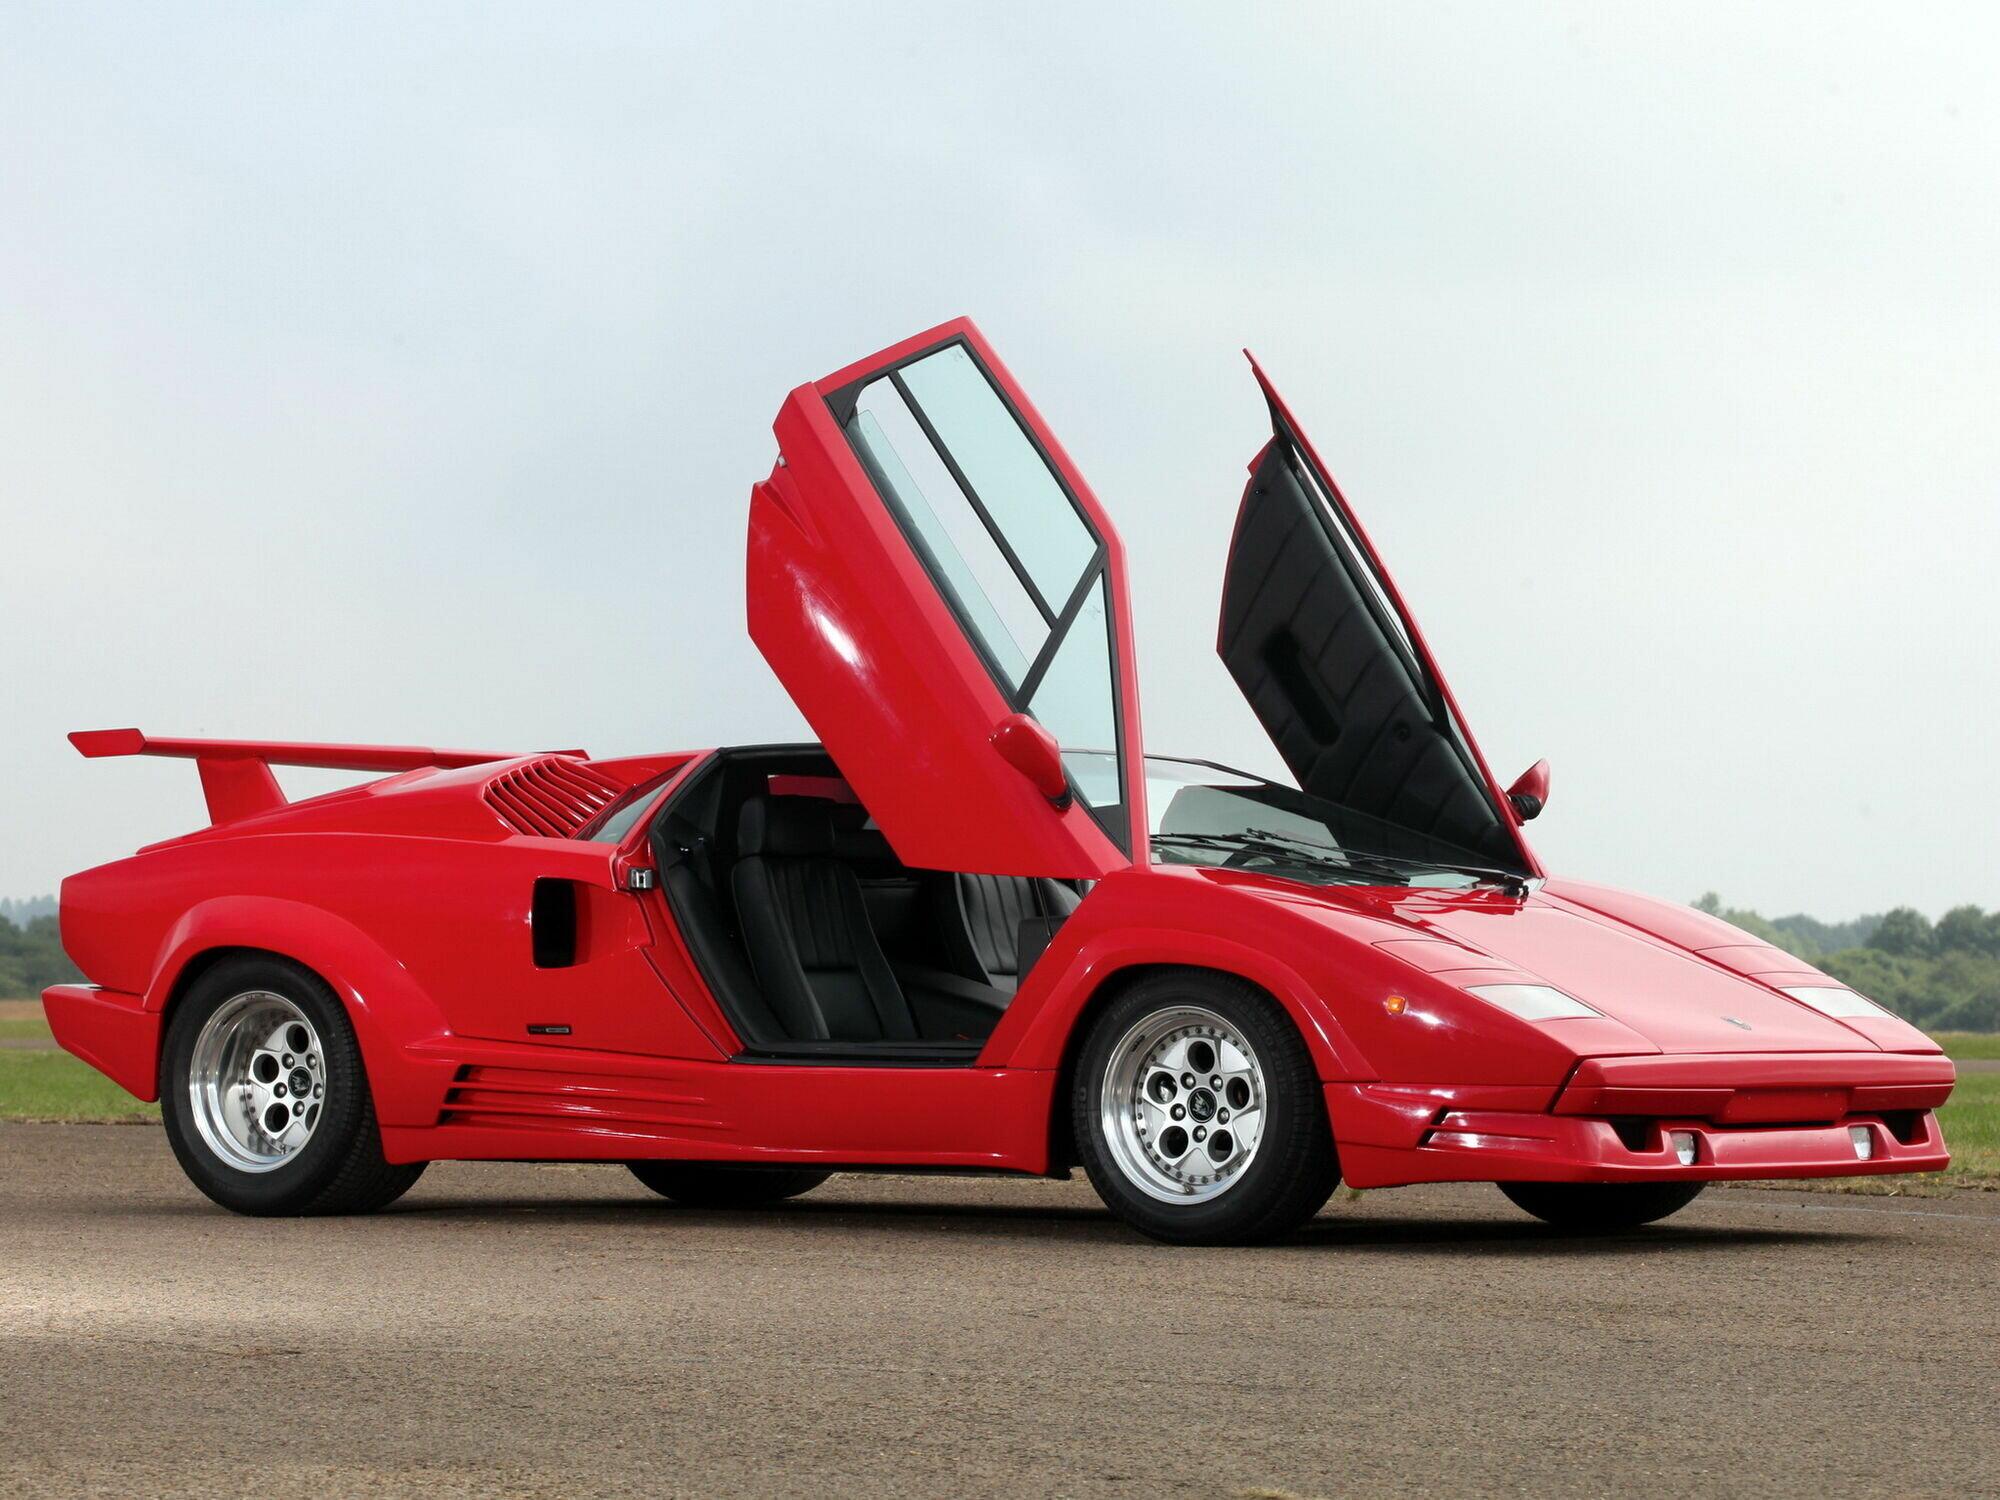 """Производство Lamborghini Countach прекратили в 1990 году. На фото юбилейная версия """"25 Anniversary"""" с опционным задним антикрылом"""